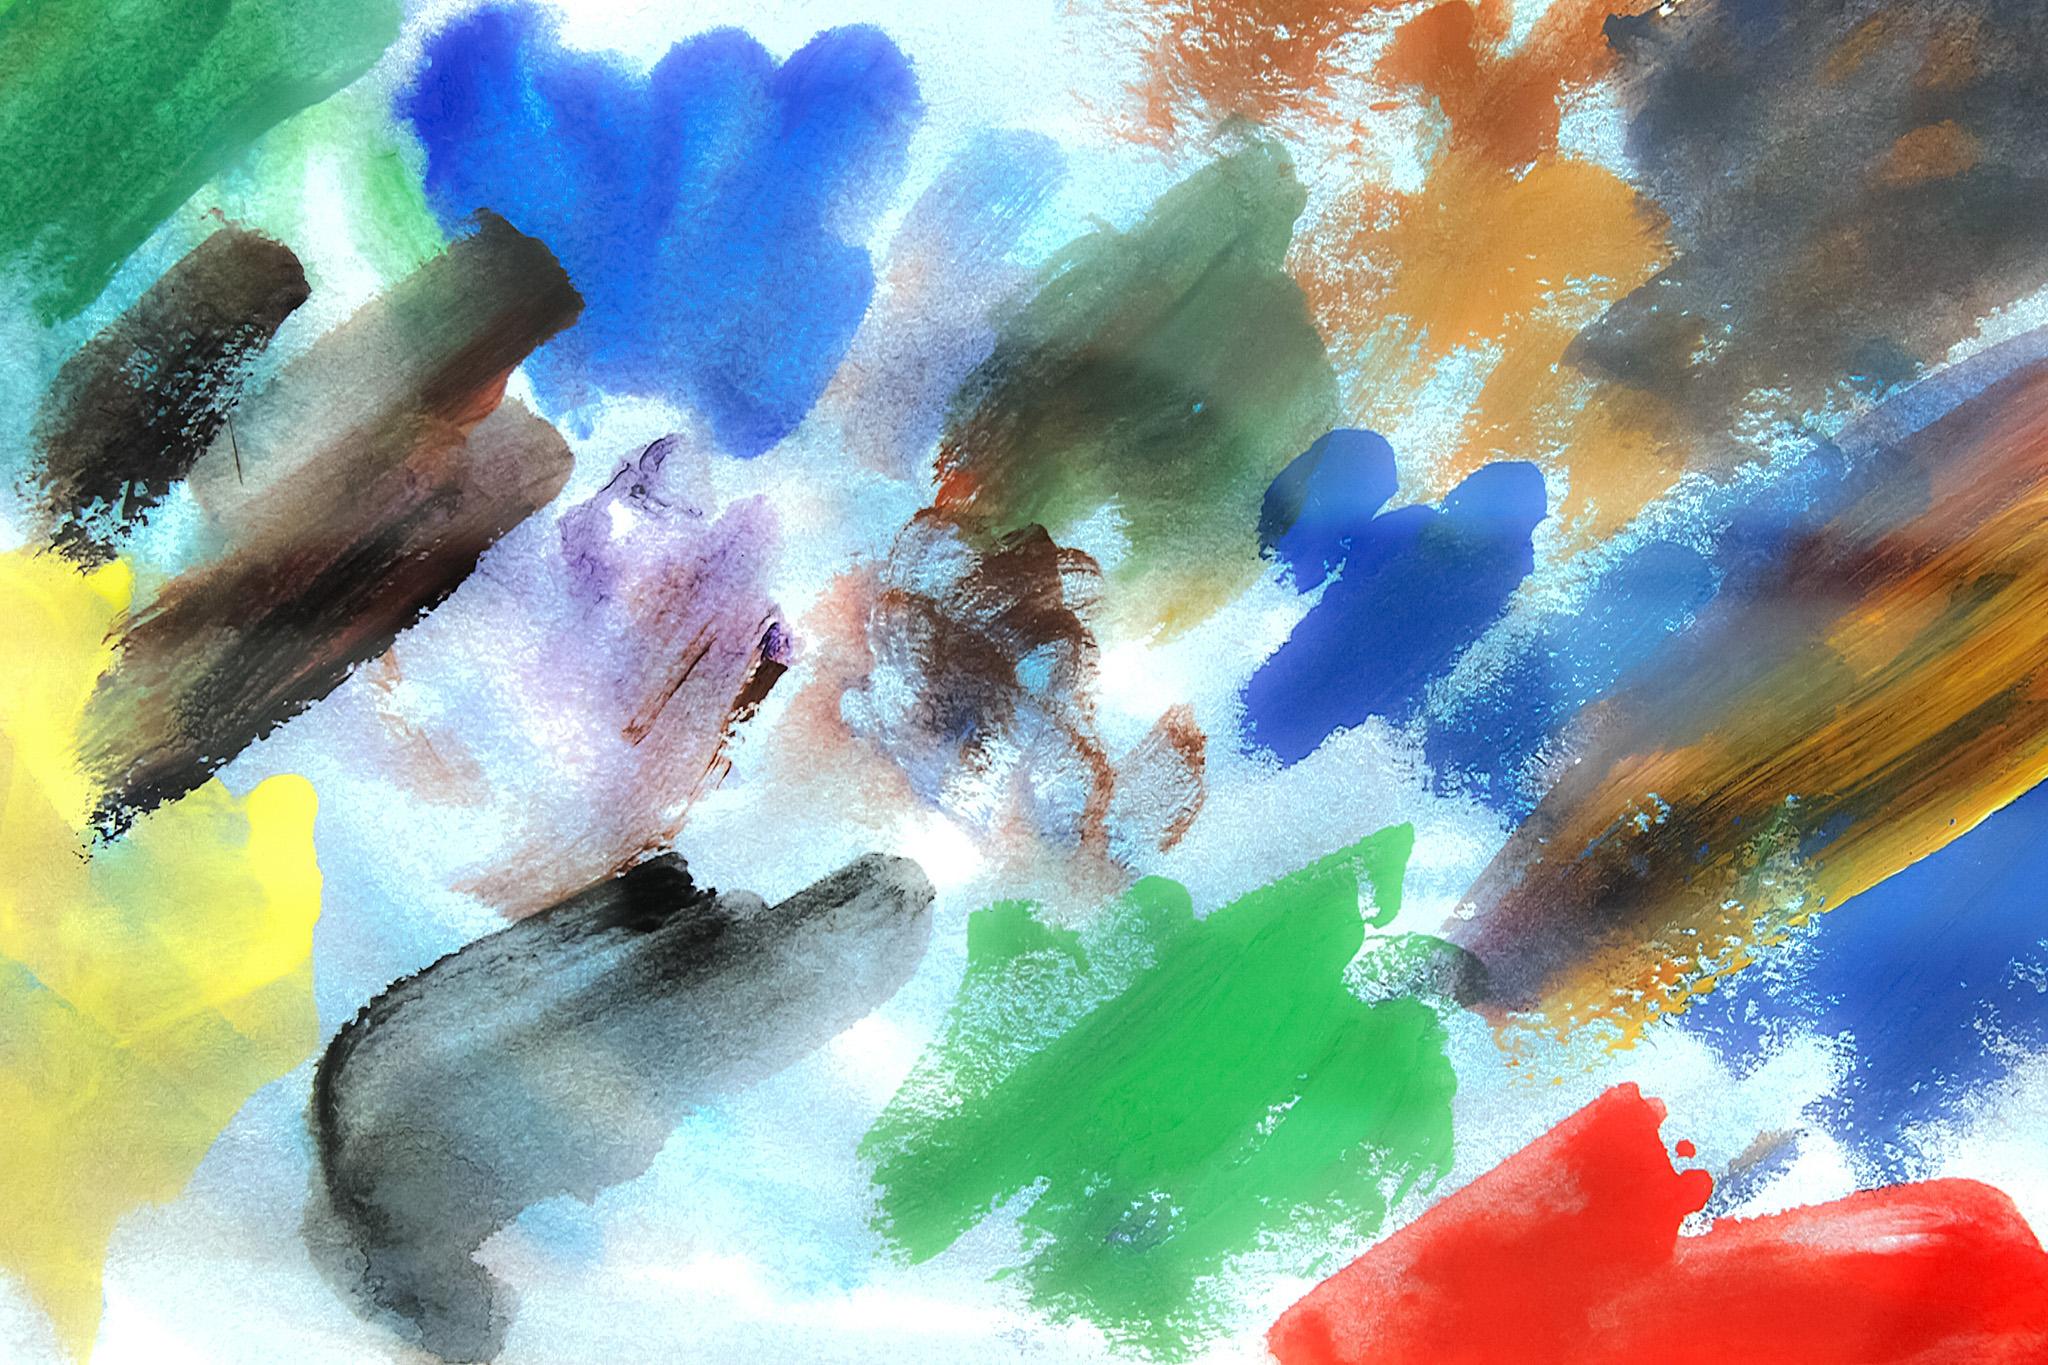 「筆で薄く塗った多色の水彩絵具」